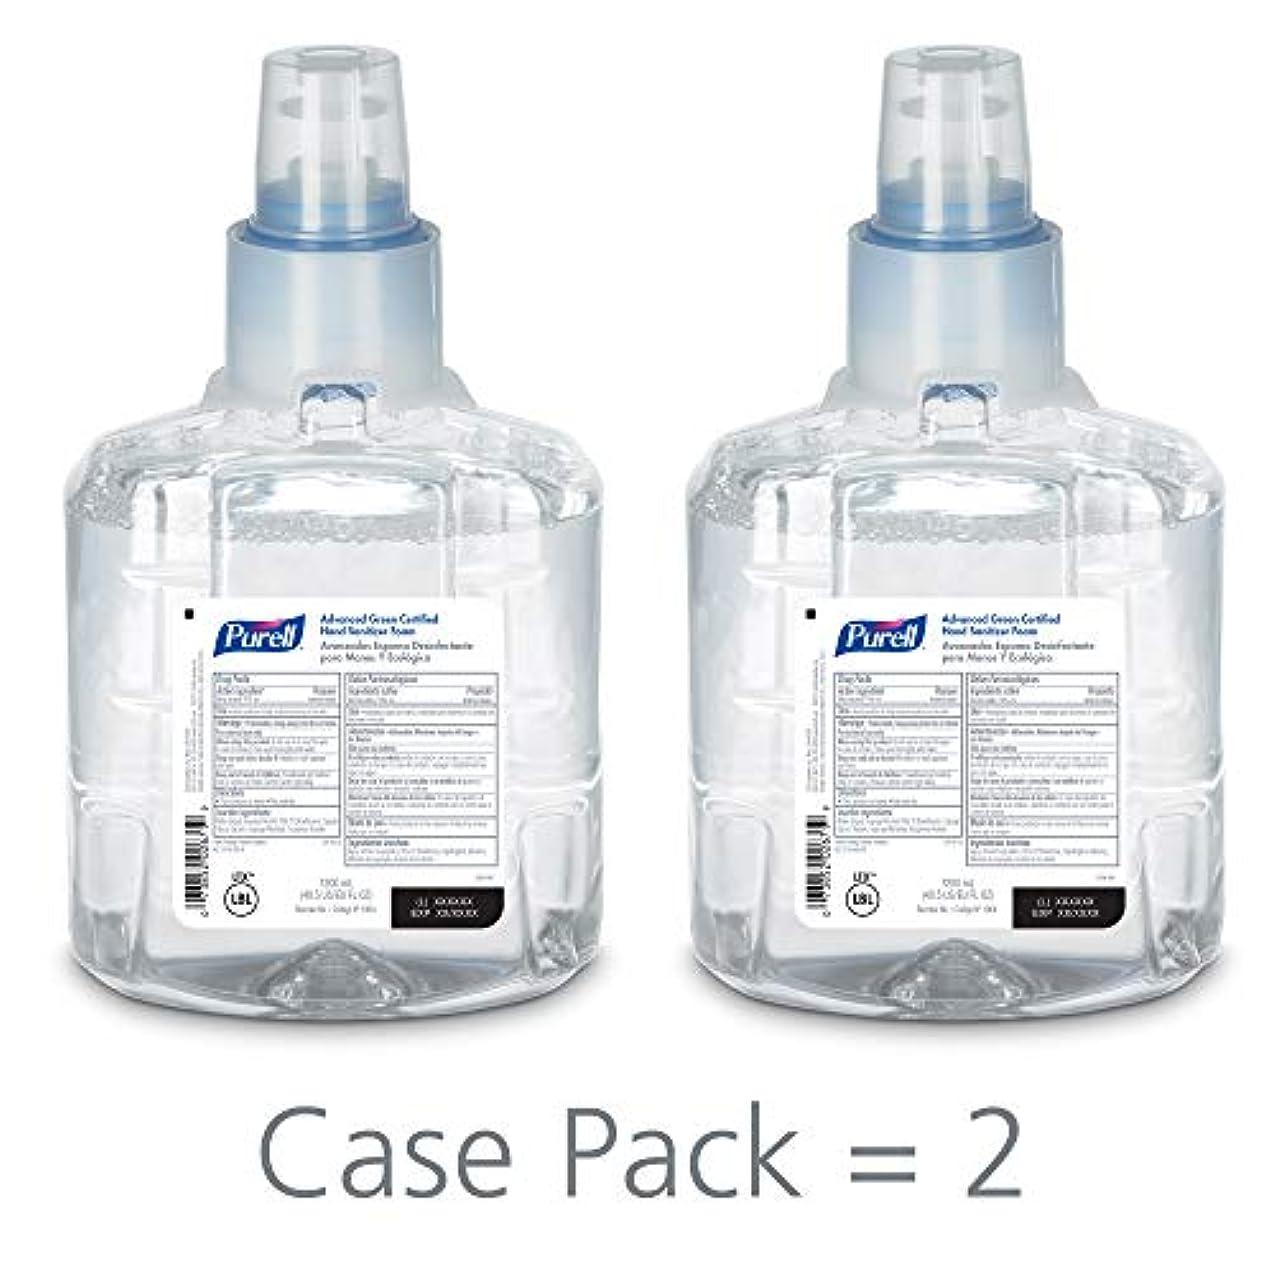 叫ぶスカープ四面体PURELL 1904-02 1200 mL Advanced Green Certified Instant Hand Sanitizer Foam, LTX-12 Refill (Pack of 2) by Purell